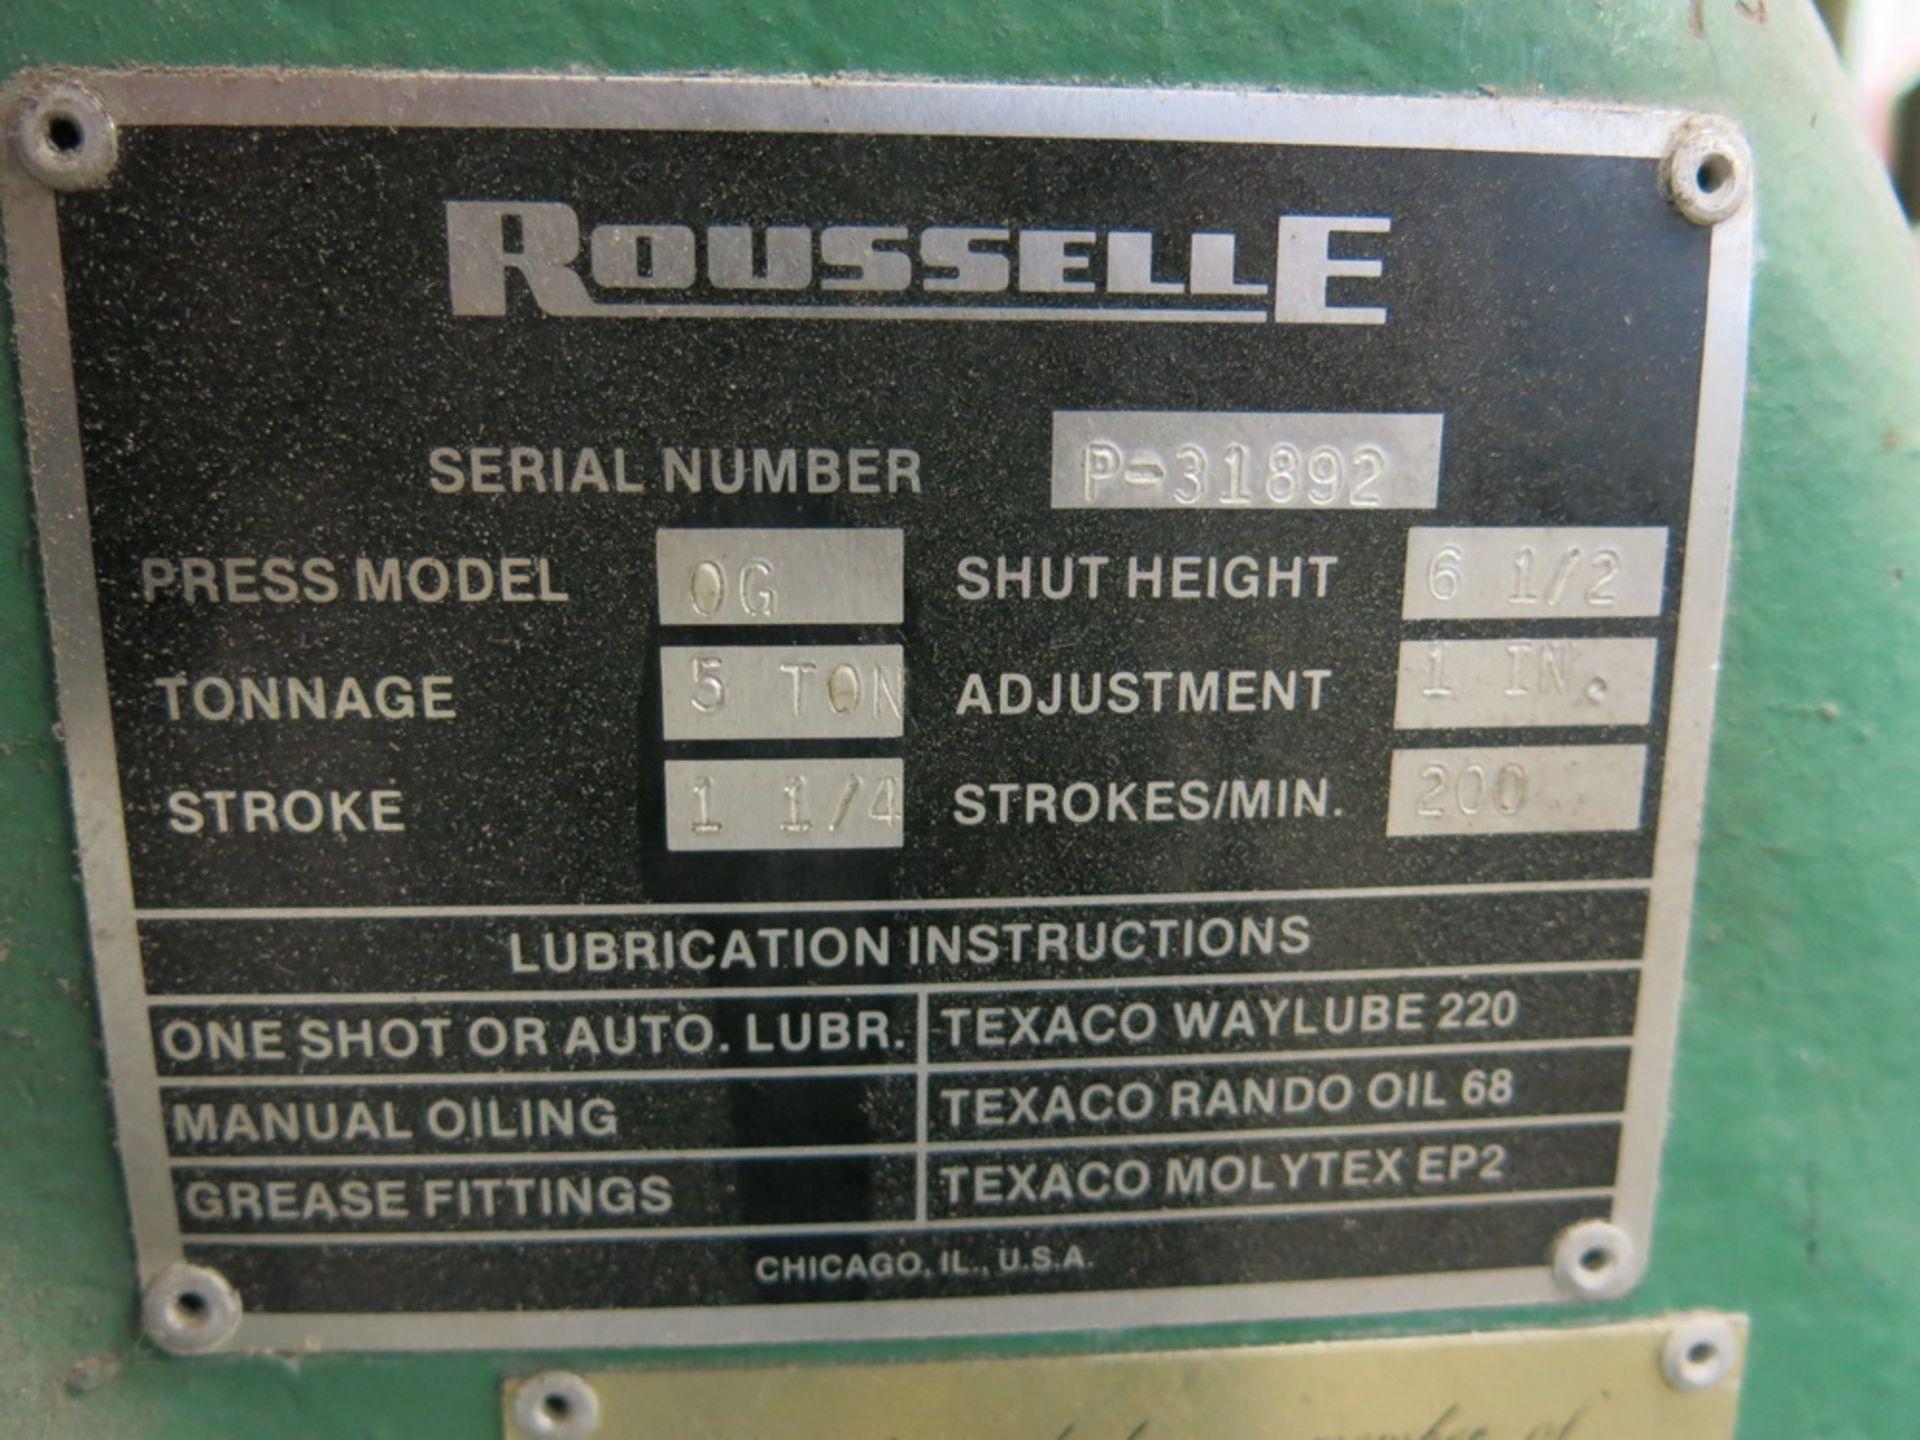 """Lot 28 - Rousselle Model OG 5-Ton OBI Press, 1 1/4"""" Stroke Press"""